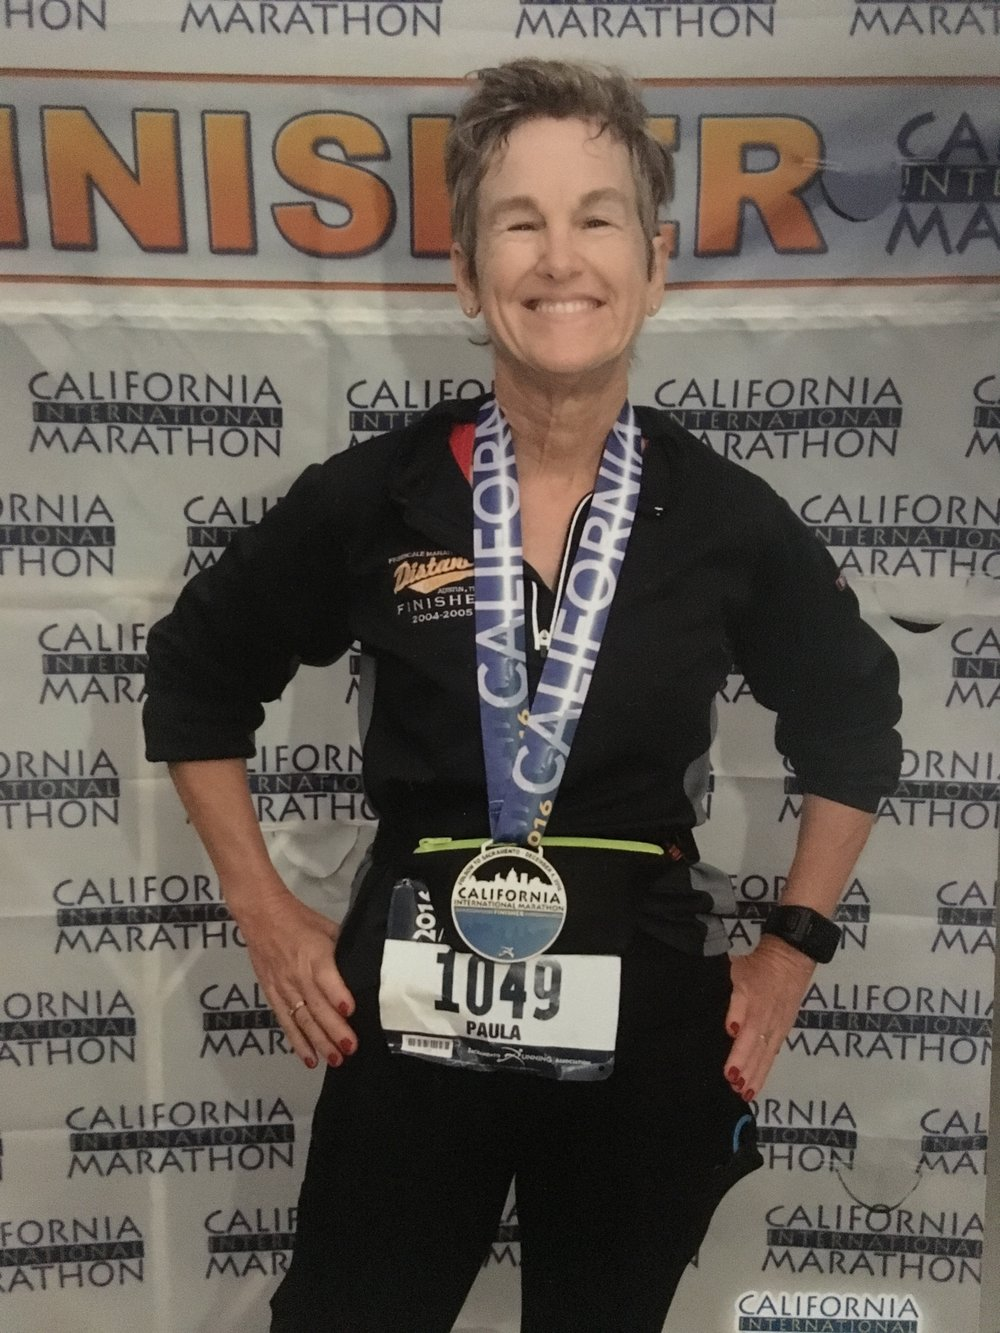 Paula at CIM 2016